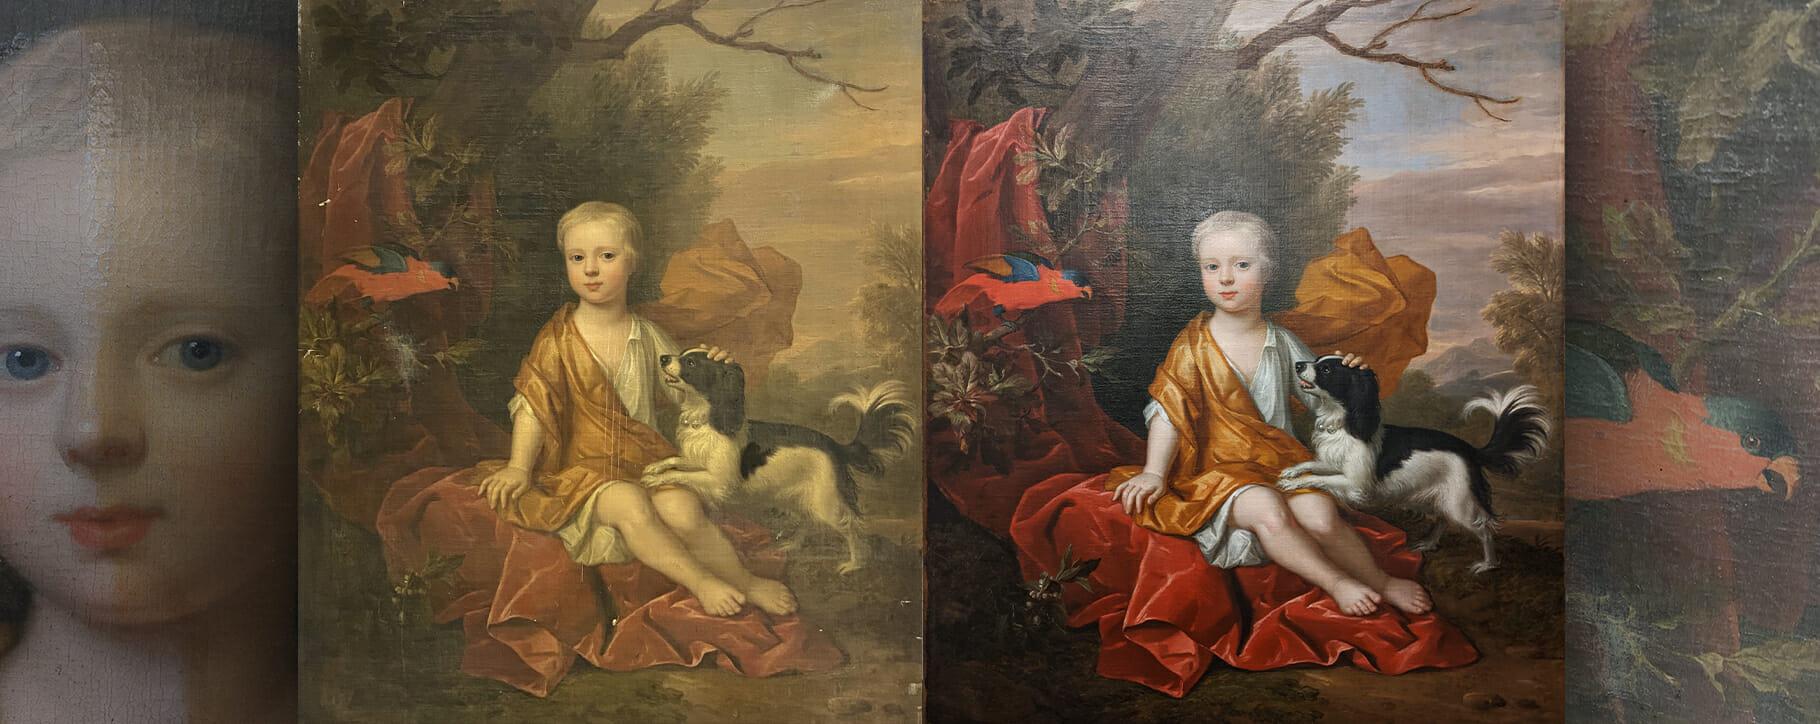 18th Century Portrait Before After Internship